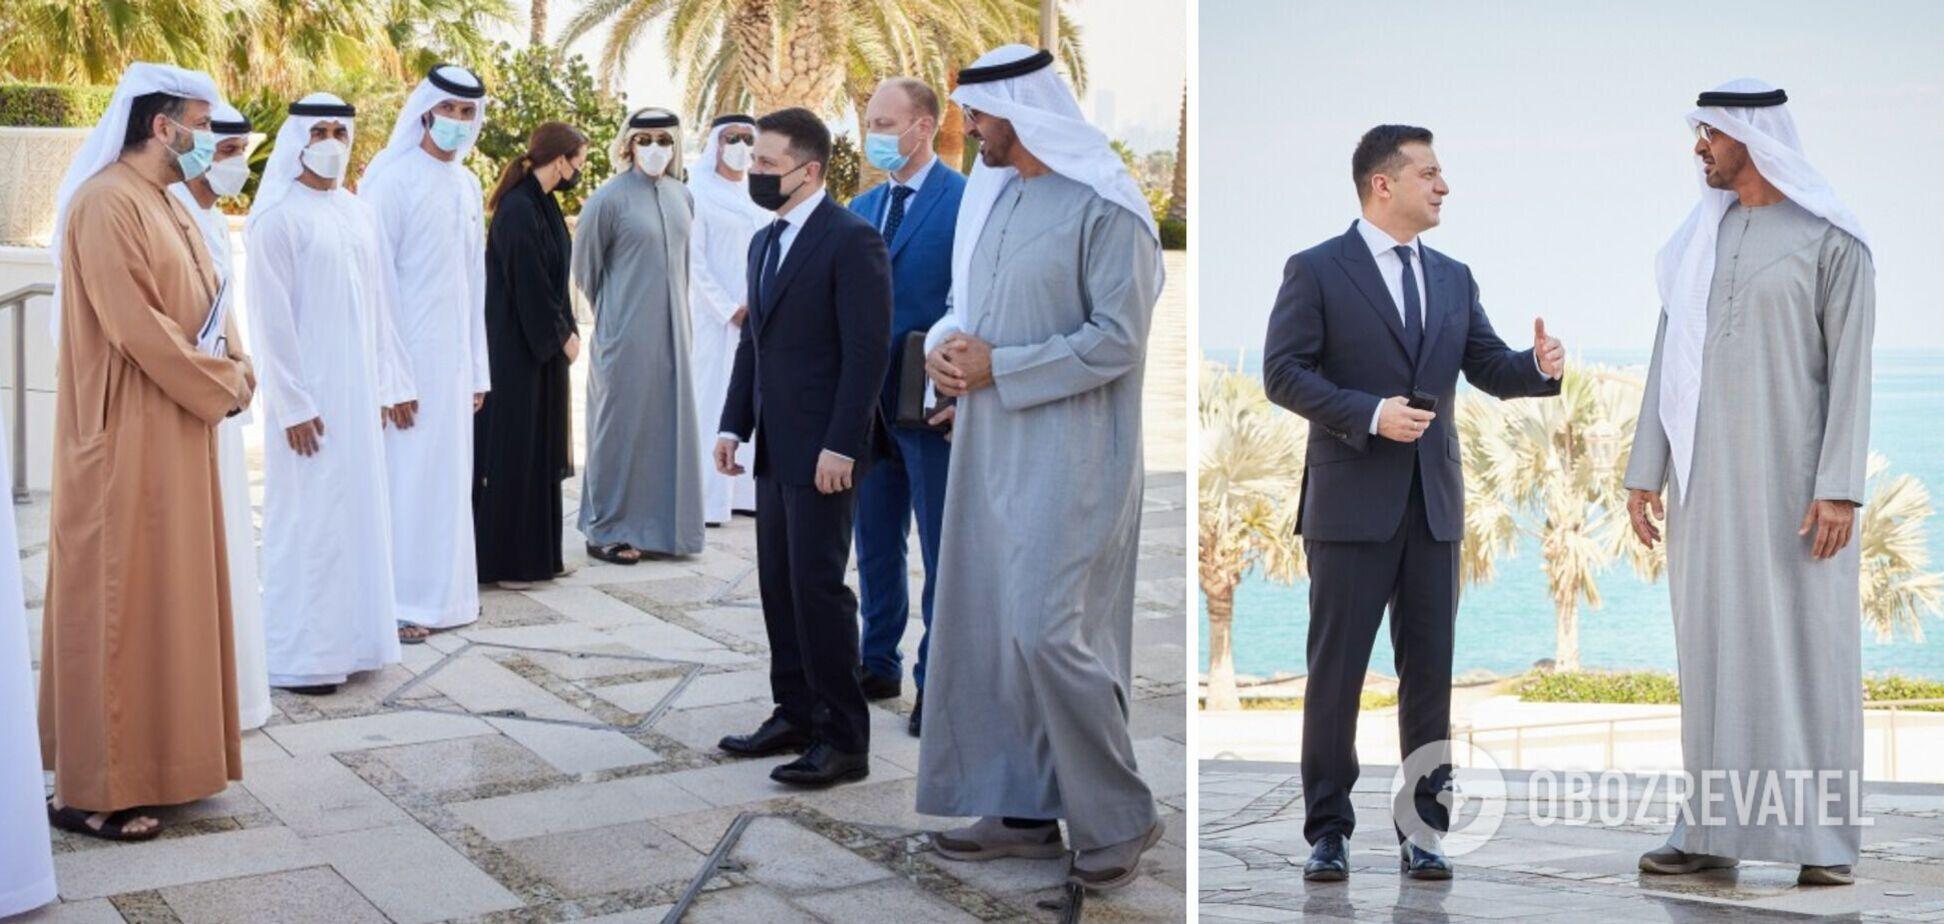 Зеленский провел переговоры в ОАЭ